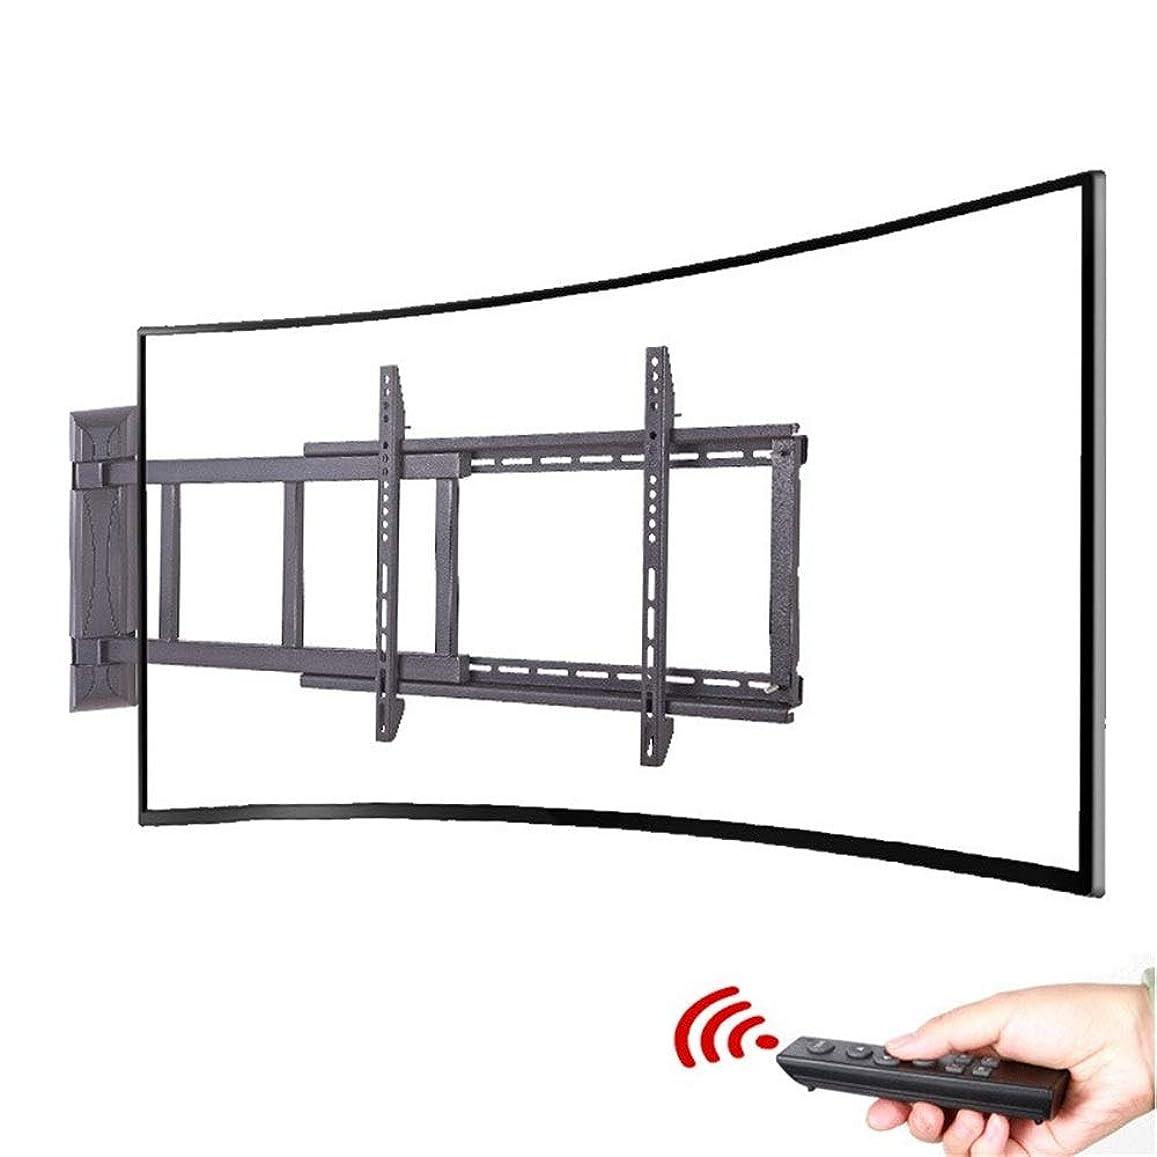 印象的な誘発する志すTLMYDD テレビブラケット32-70インチインテリジェントリモコン電気湾曲テレビフレーム多機能伸縮回転ディスプレイスタンド衝突防止赤外線制御 テレビスタンド (Color : 55-70 inch)